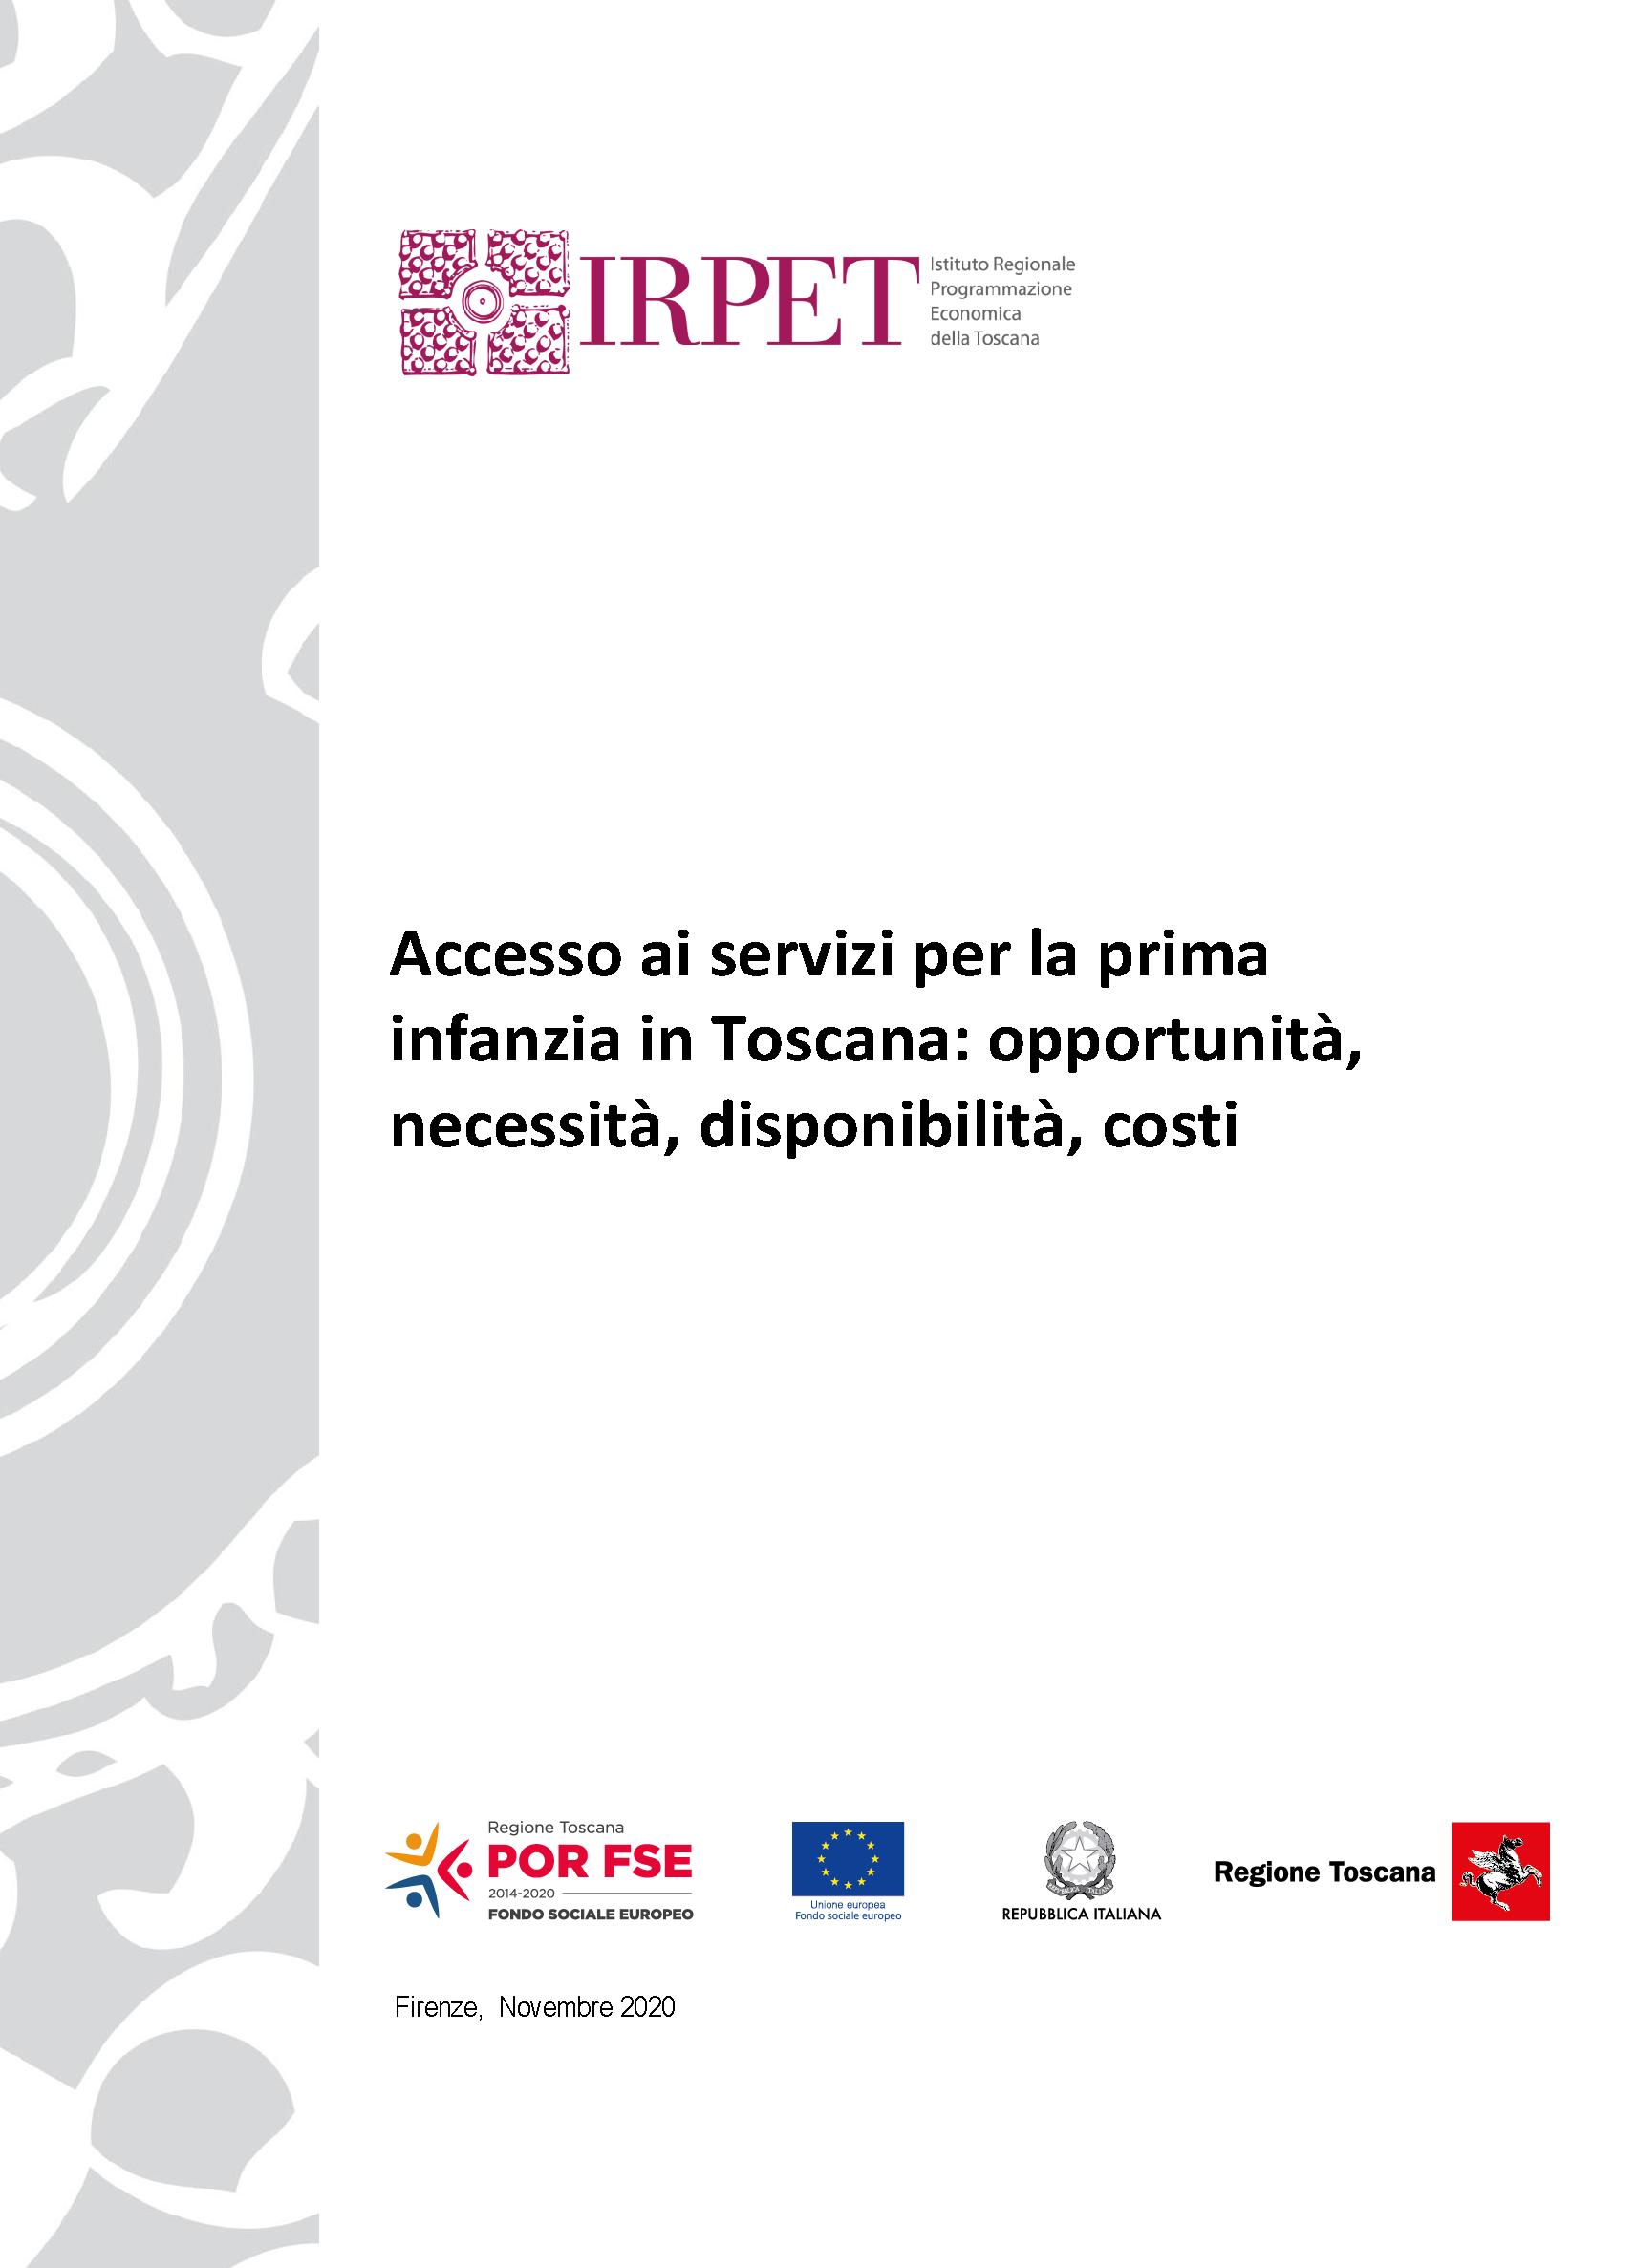 Accesso servizi prima infanzia Toscana 11.2020